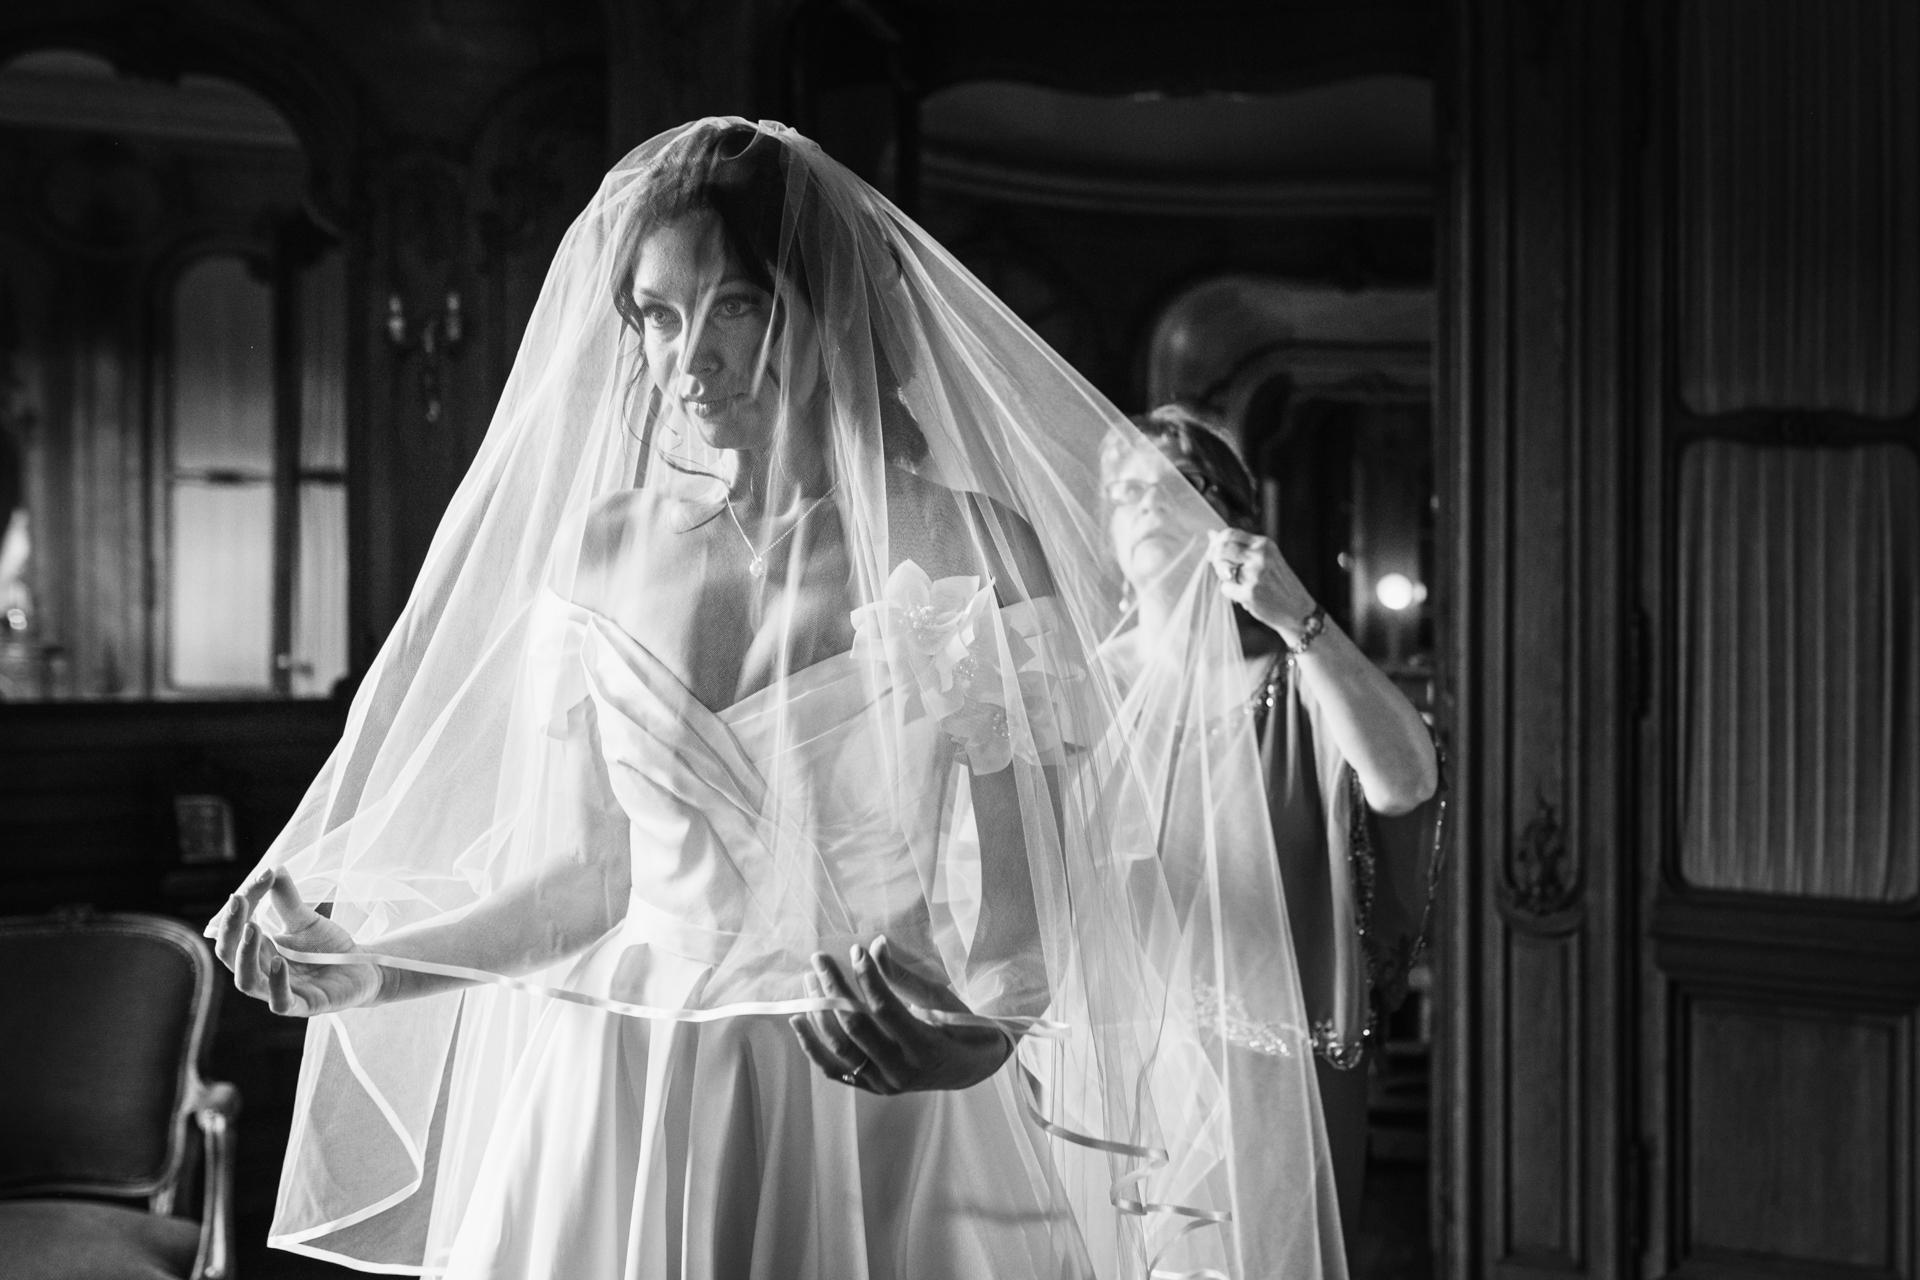 Frankreich Braut Elopement Fotografie | Die Mutter der Braut, die an diesem wundervollen Tag anwesend war, hilft ihr, den Schleier vor der Zeremonie anzupassen